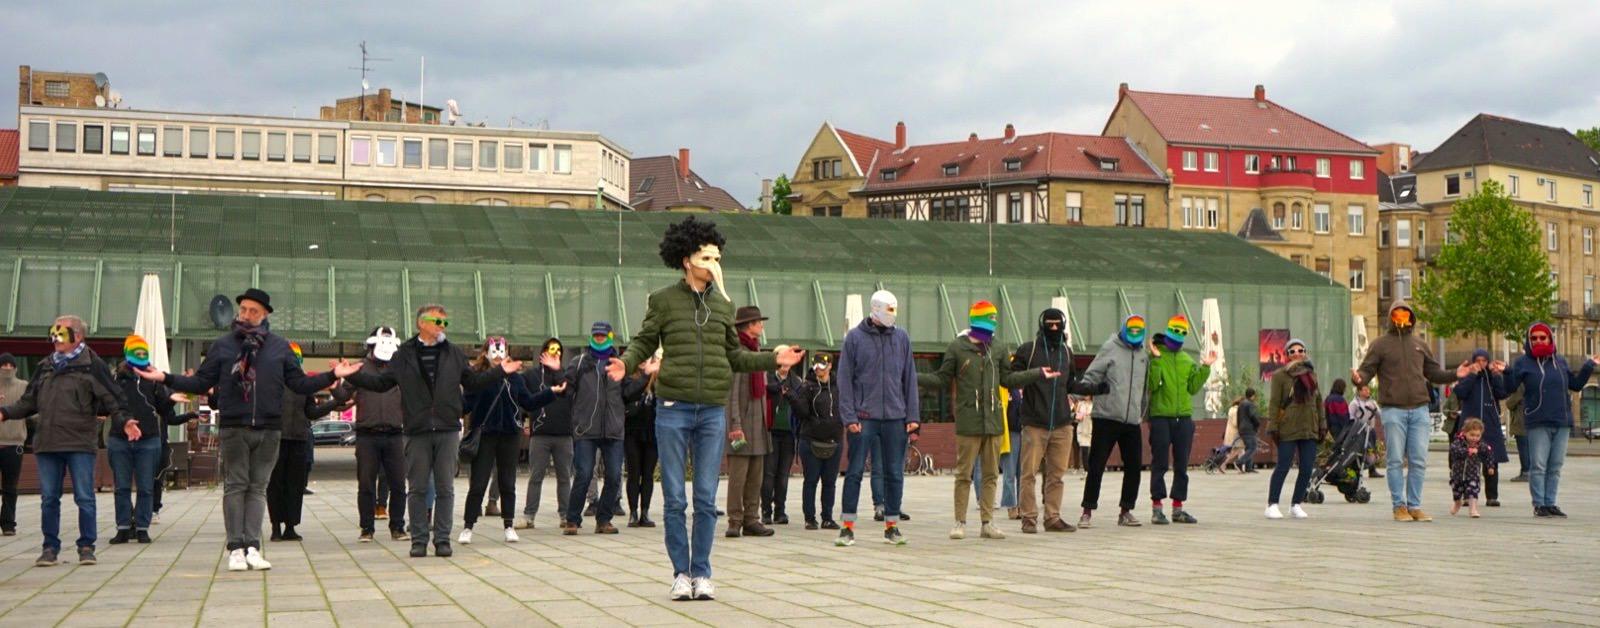 Kreative Aktion der George Orwell Ultras im Frühjahr 2019 auf dem Alten Messplatz | Foto: George Orwell Ultras